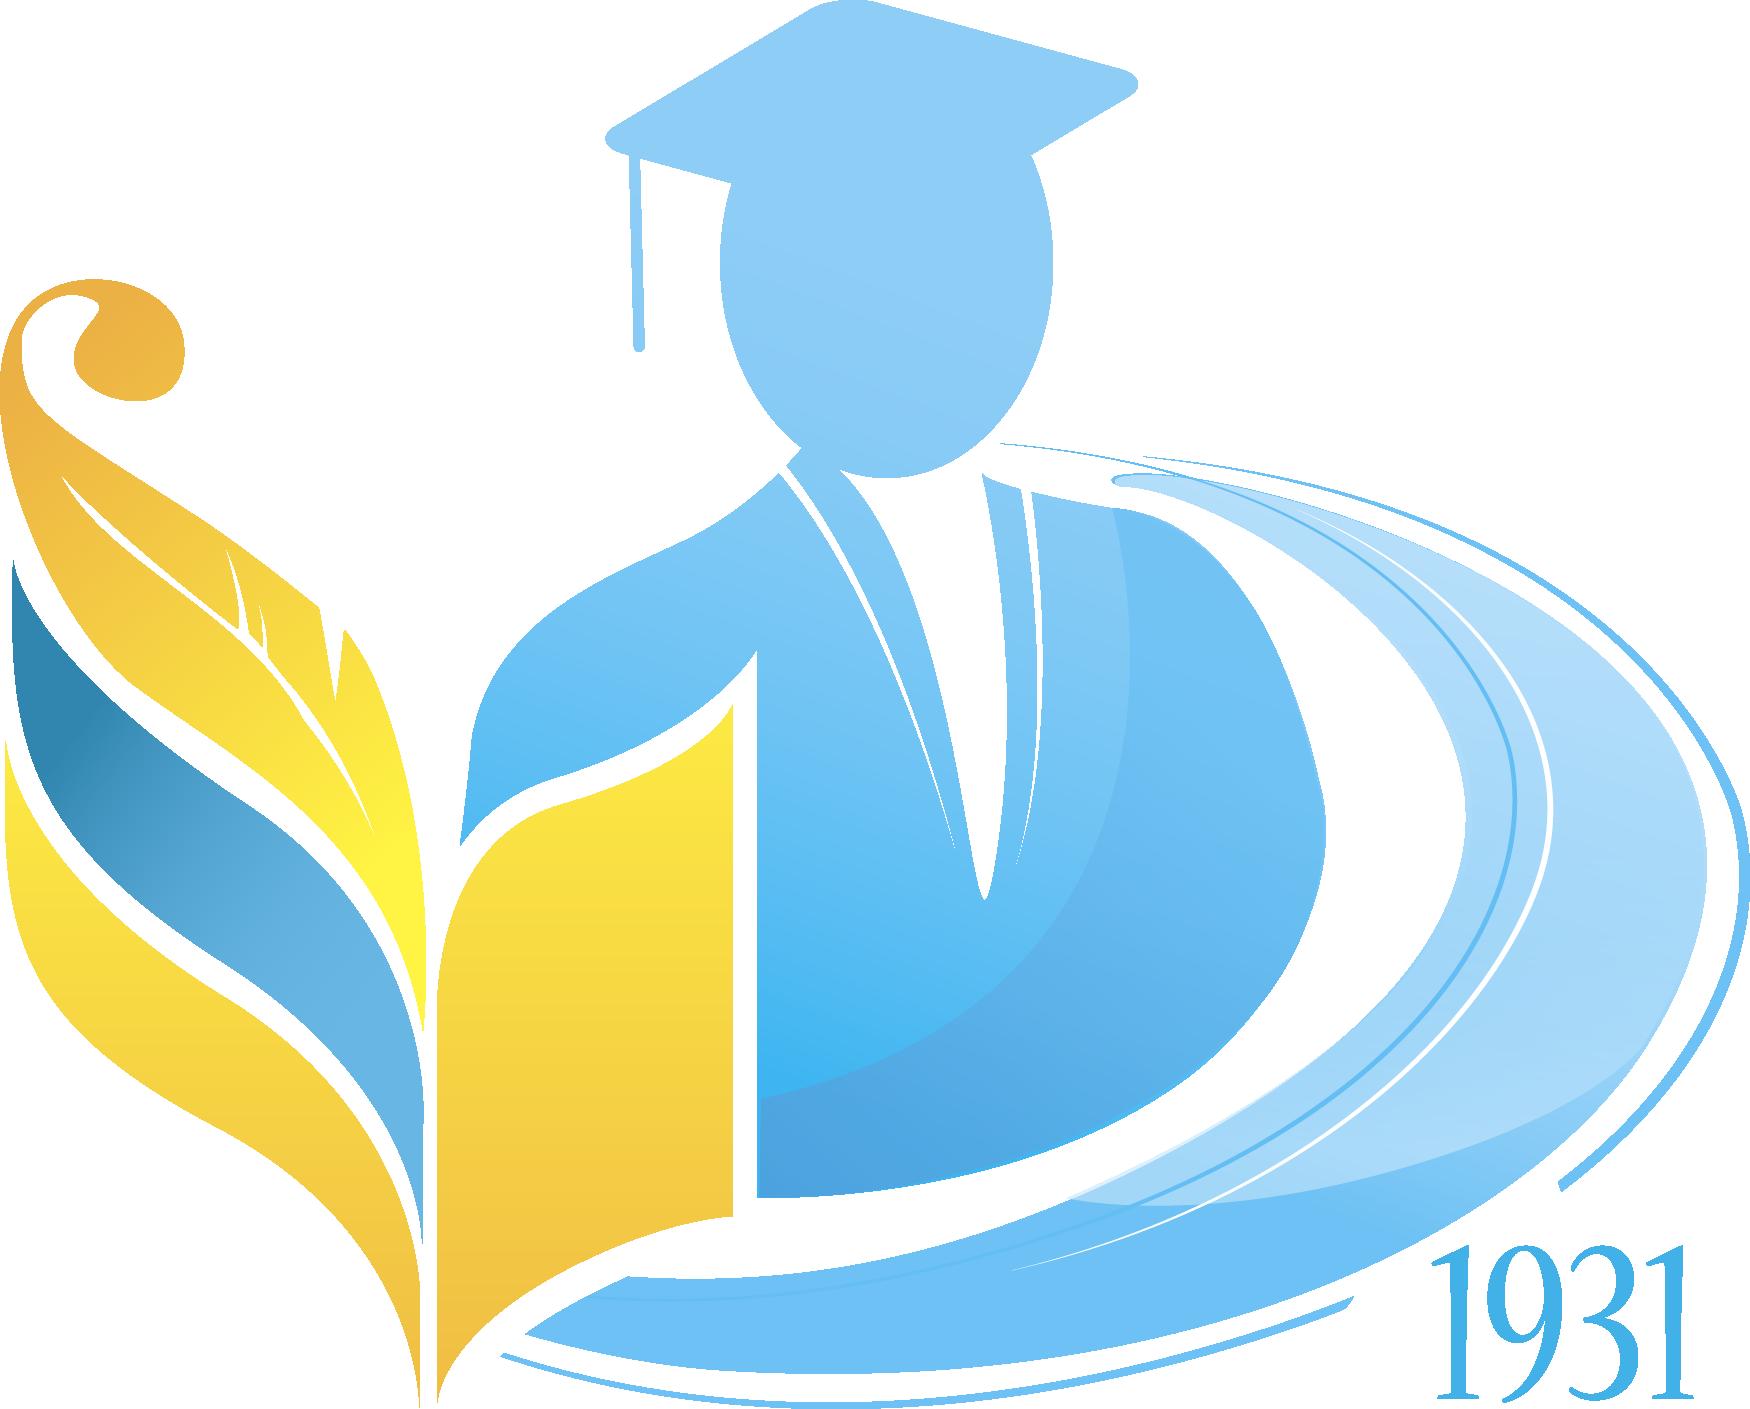 Пропозиції педагогічного колективу до проекту Концепції розвитку педагогічної освіти та проекту професійного стандарту на професію «Вчитель початкової школи»